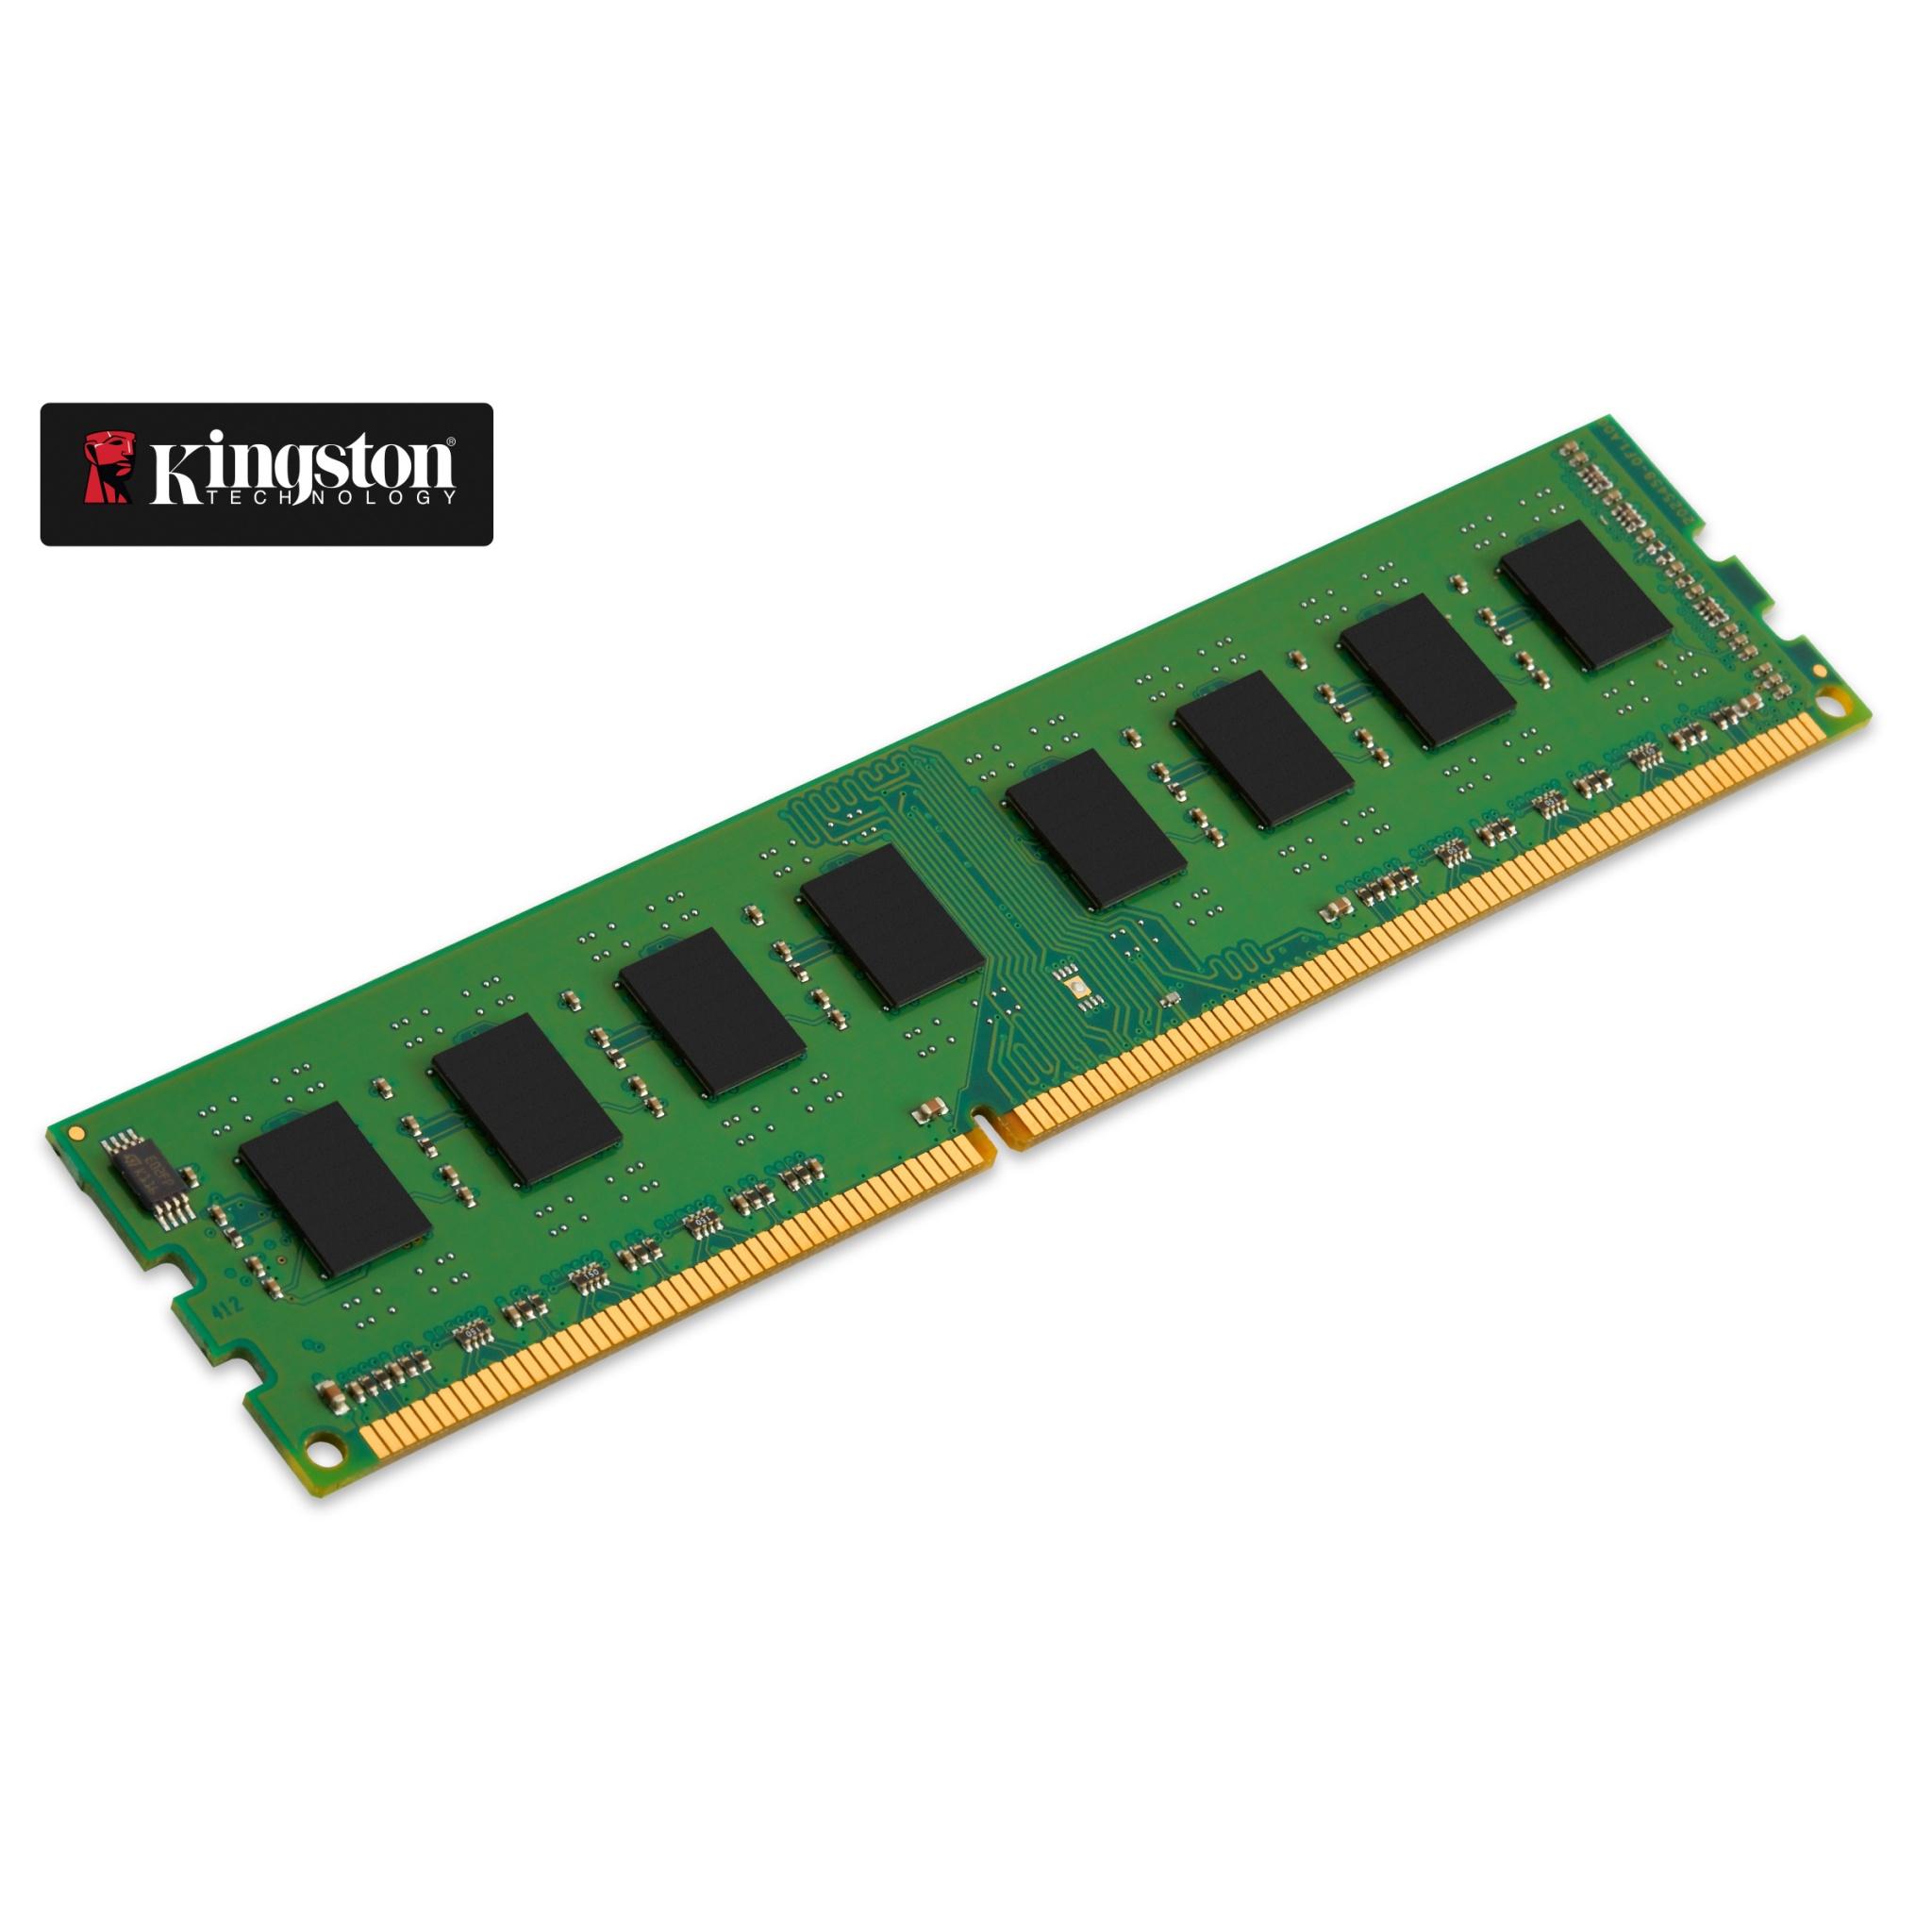 8GB Kingston DDR3 PC3-12800 1600MHz CL11 Single Memory Module